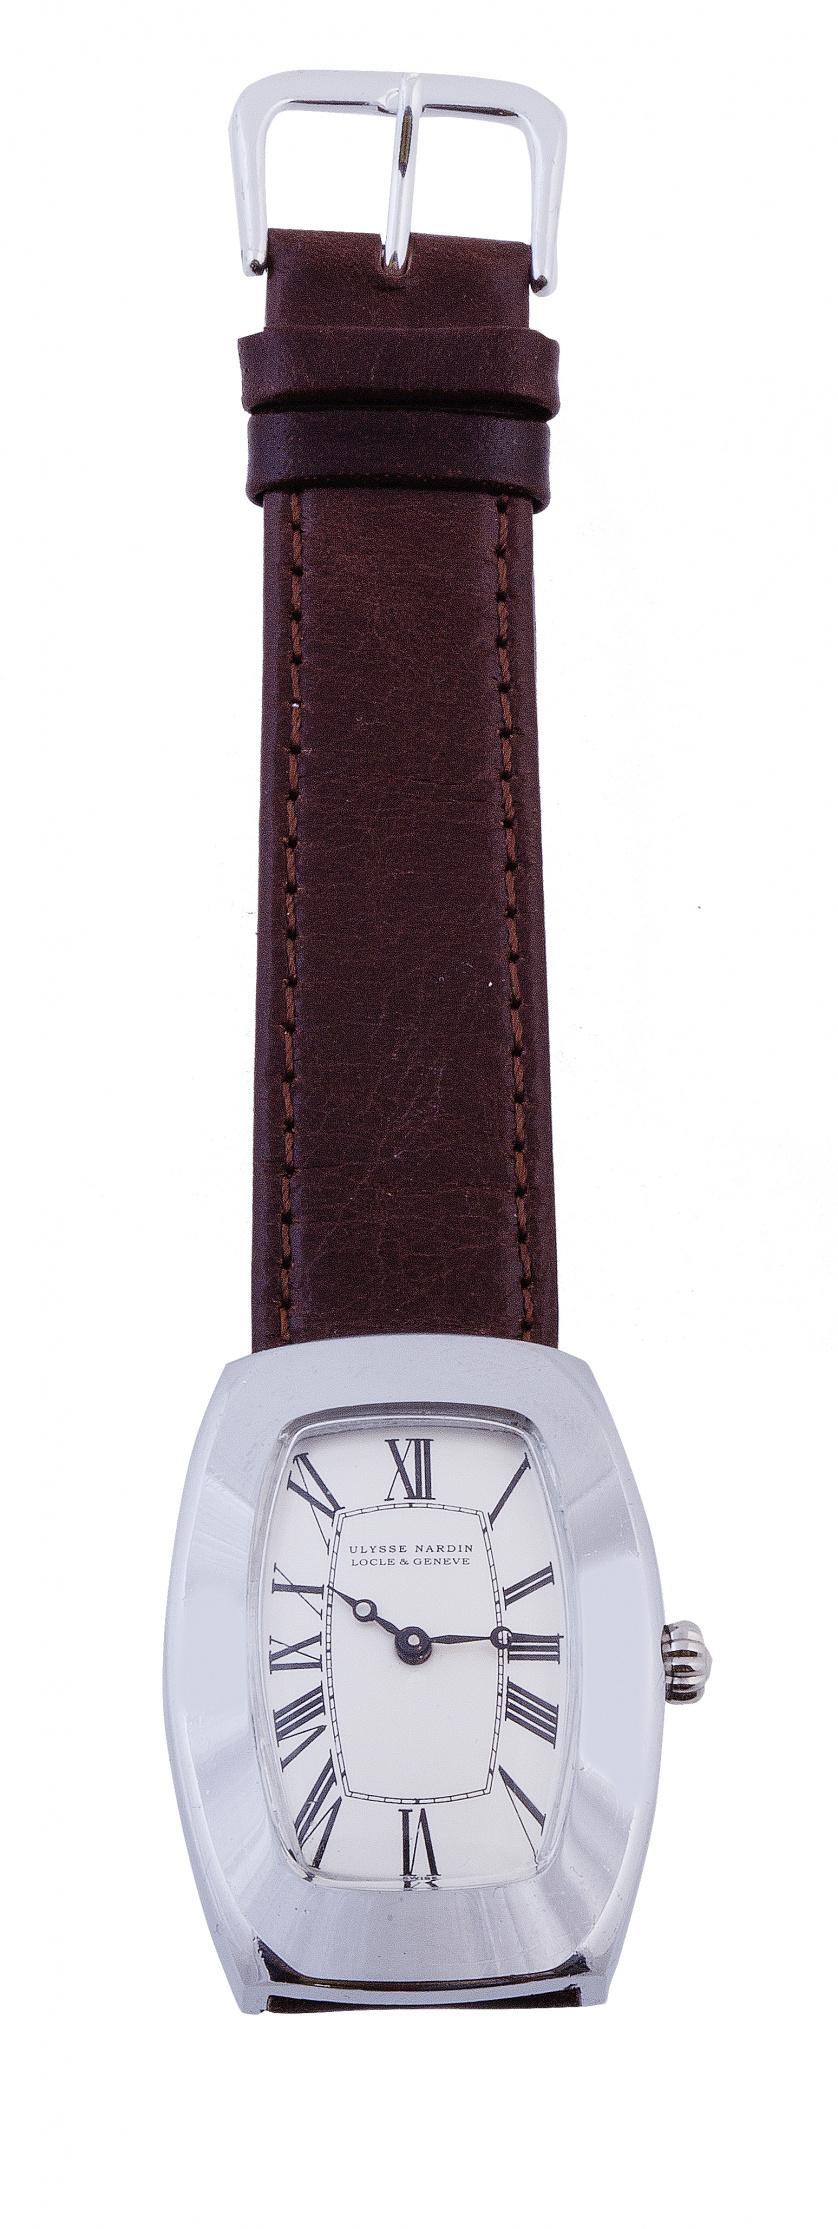 Reloj de pulsera ULYSSE NARDIN años 40 en acero